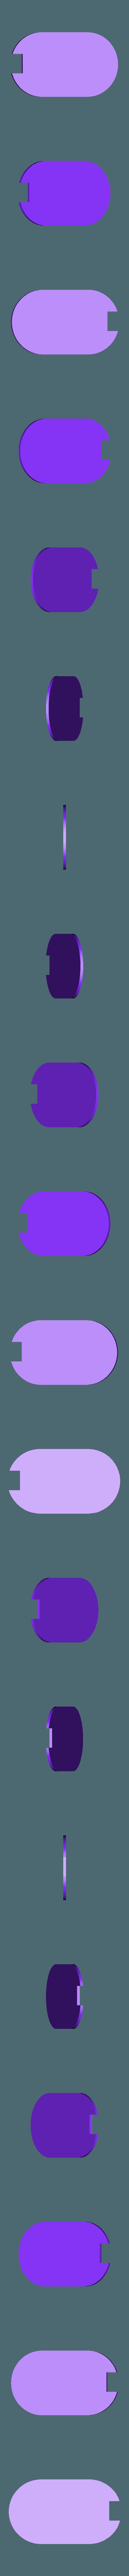 Whirligig_Blade.stl Télécharger fichier STL gratuit Santa Whirligig • Objet pour imprimante 3D, Sparky6548